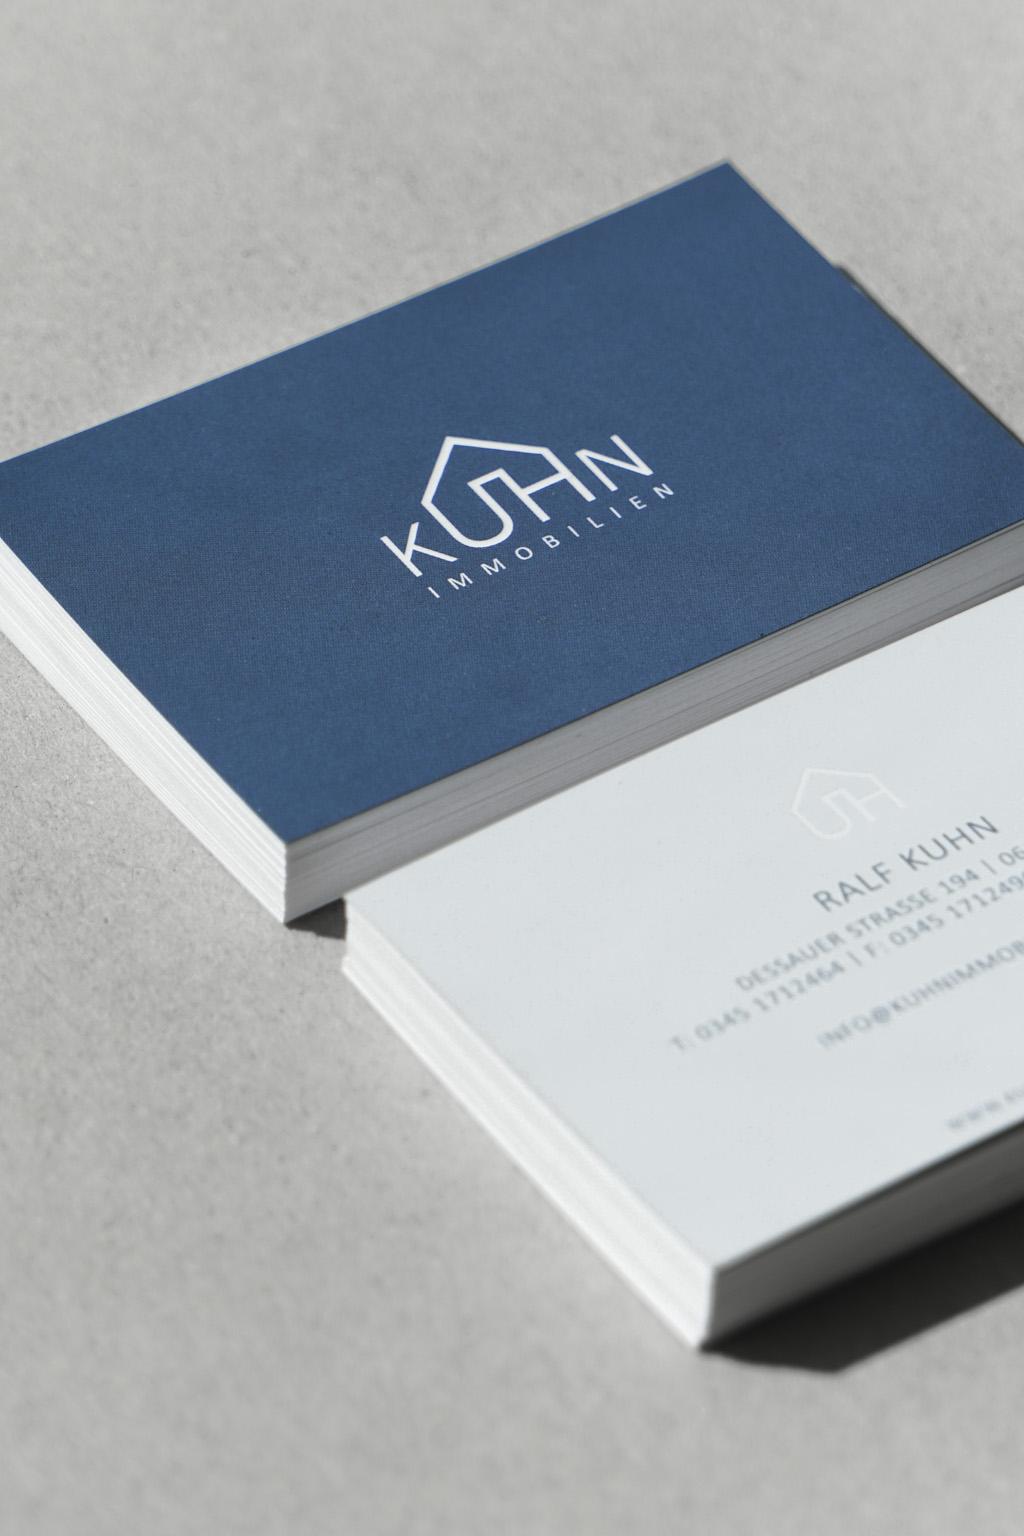 Kuhn-Immobilien Visitenkarte_1